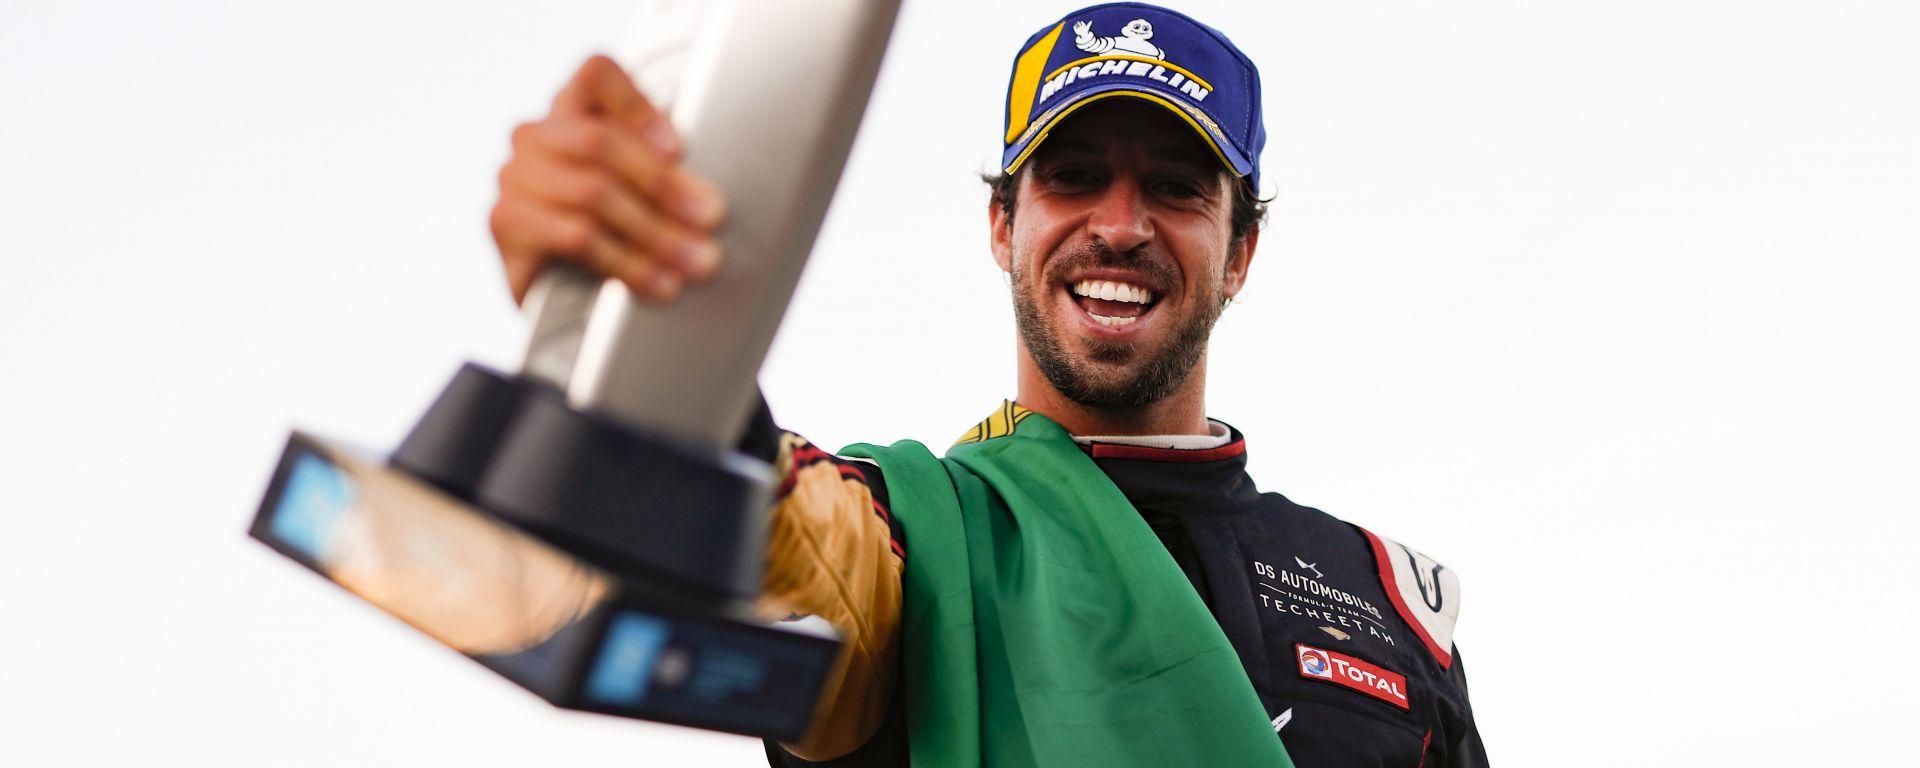 Formula E ePrix Berlino-2 2020: Antonio Felix Da Costa (Ds Techeetah) festeggia la vittoria di gara-2